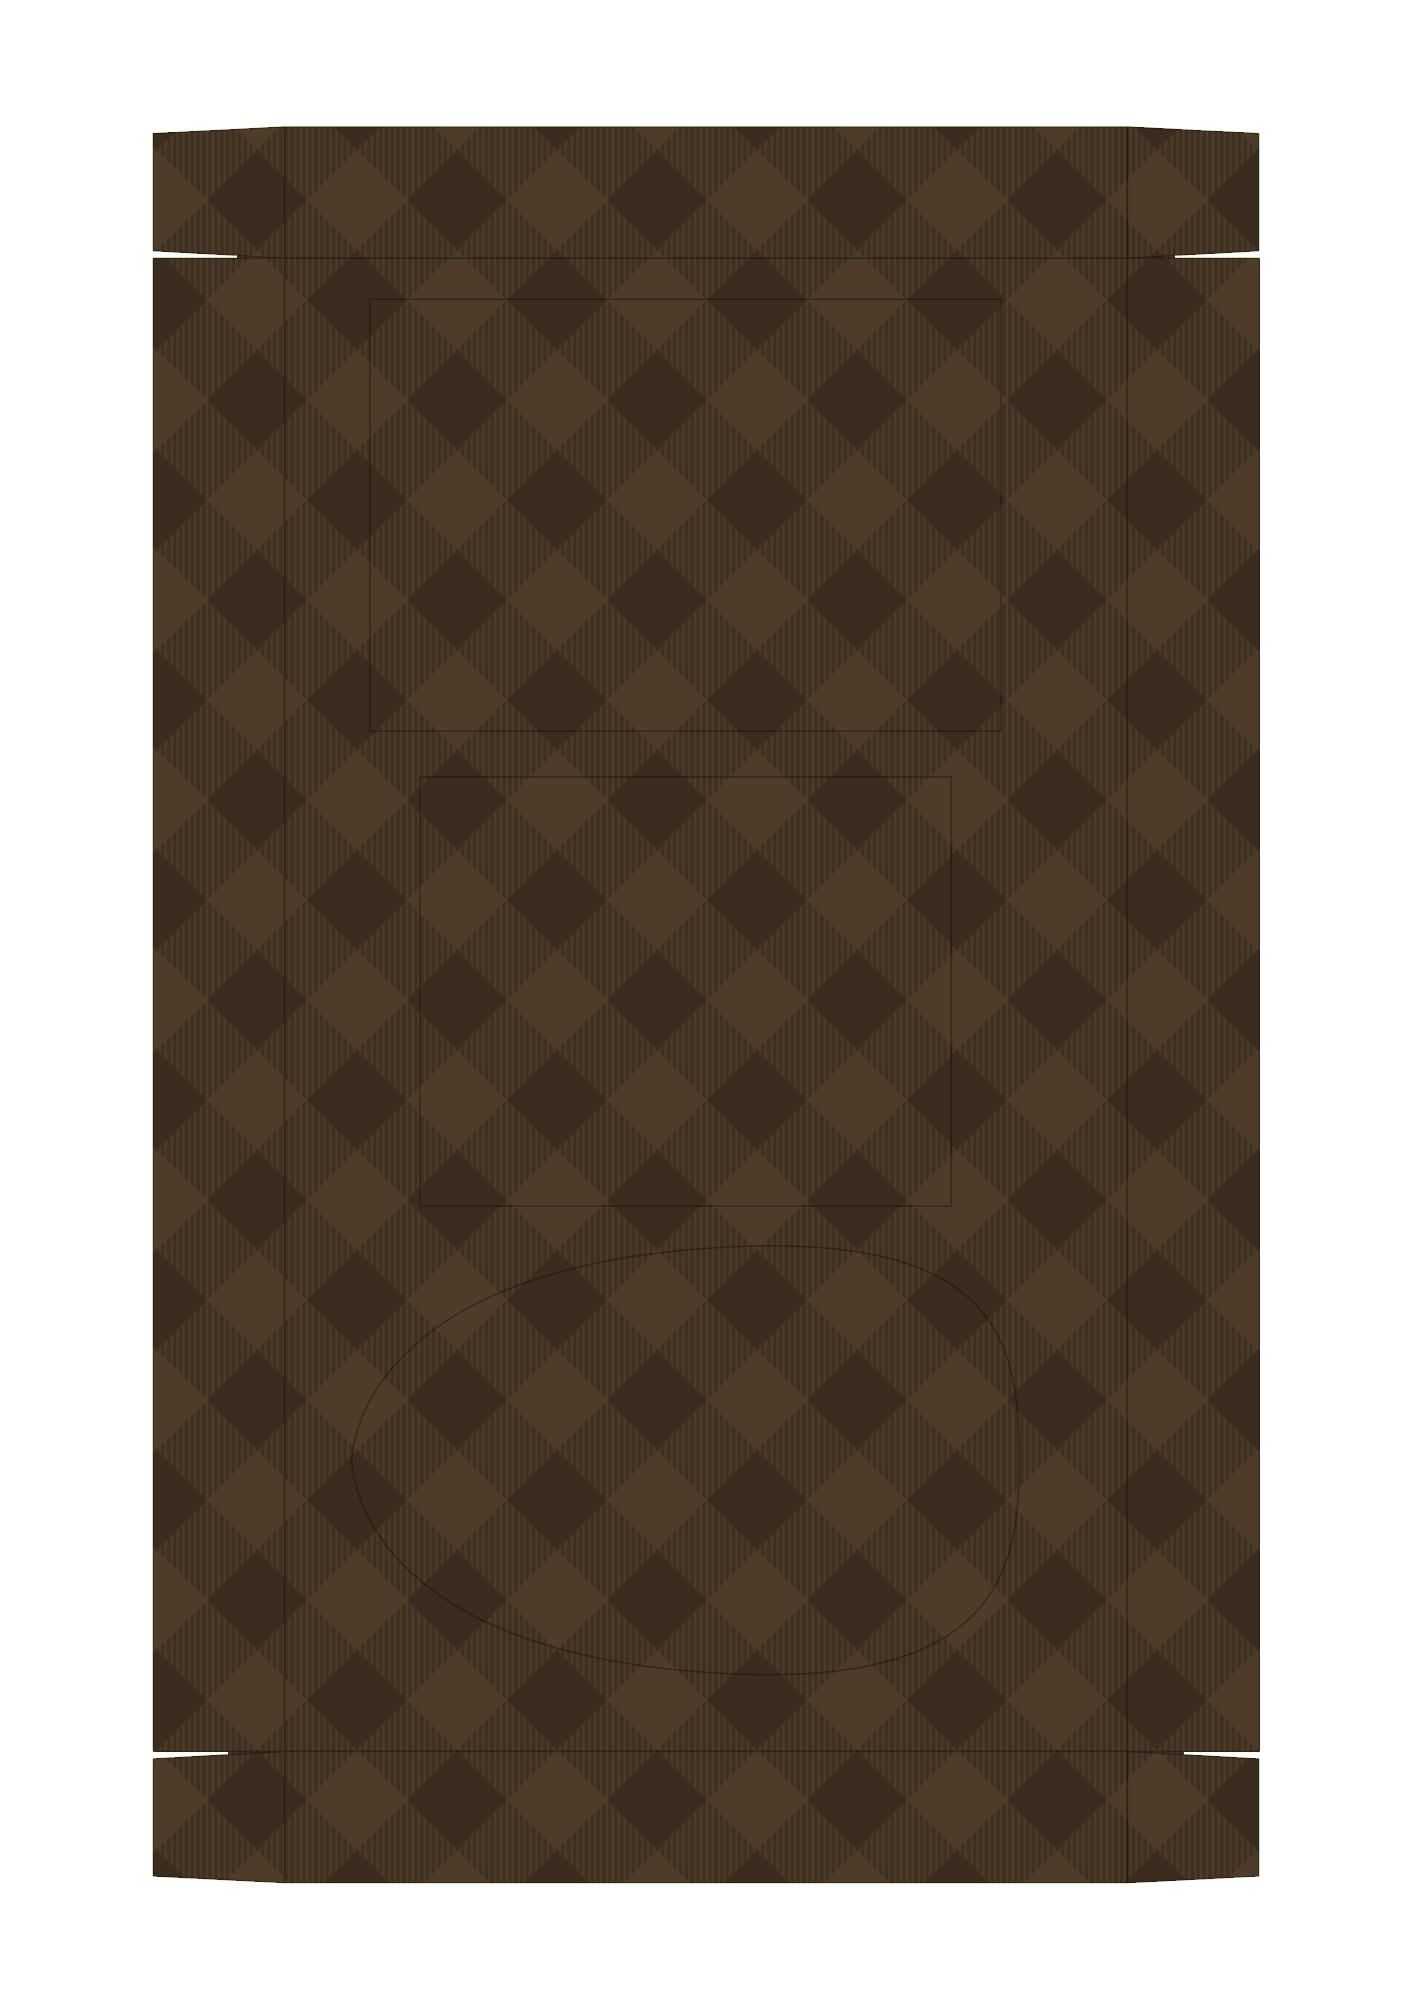 Caixa Kit Mini Confeiteiro para Páscoa 10 - parte de dentro